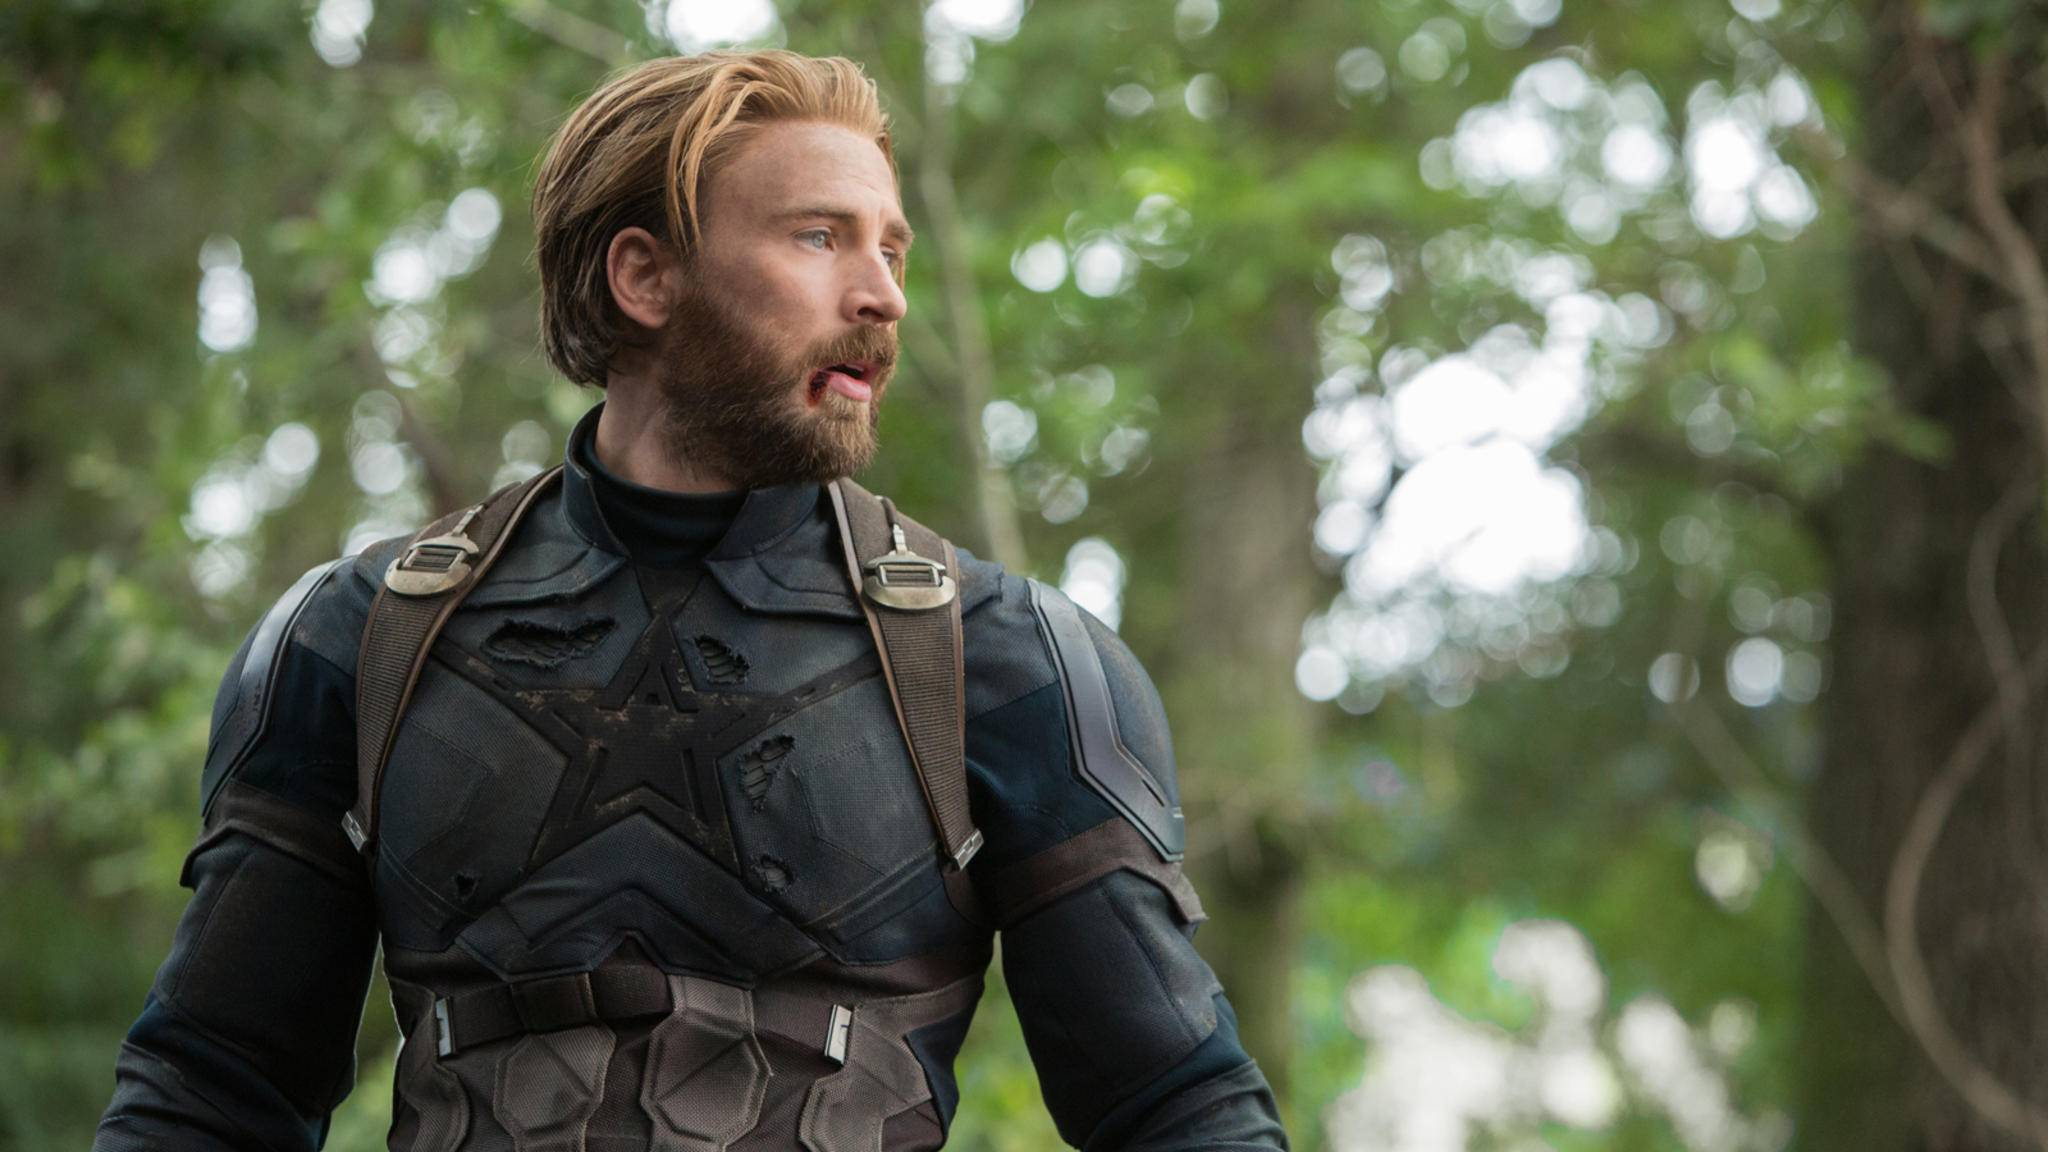 Der einstige Saubermann der Avengers macht eine Wandlung durch.